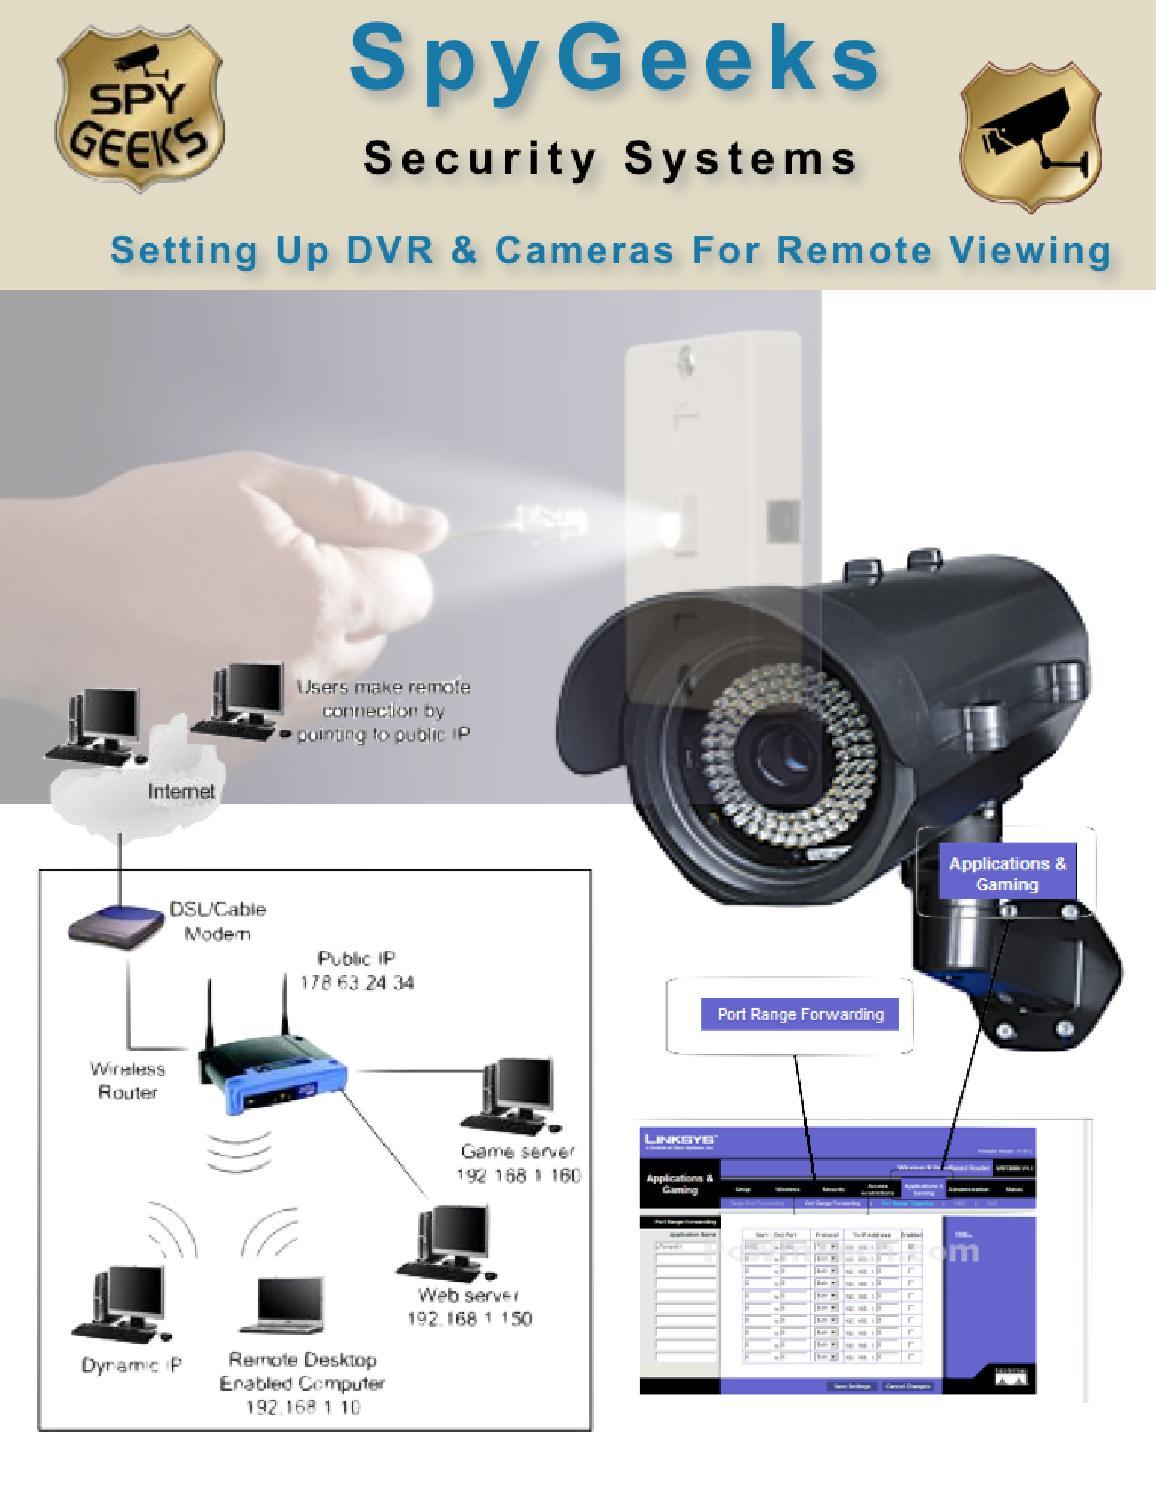 How to Setup DVR and Setup IP Camera by Spy Geeks